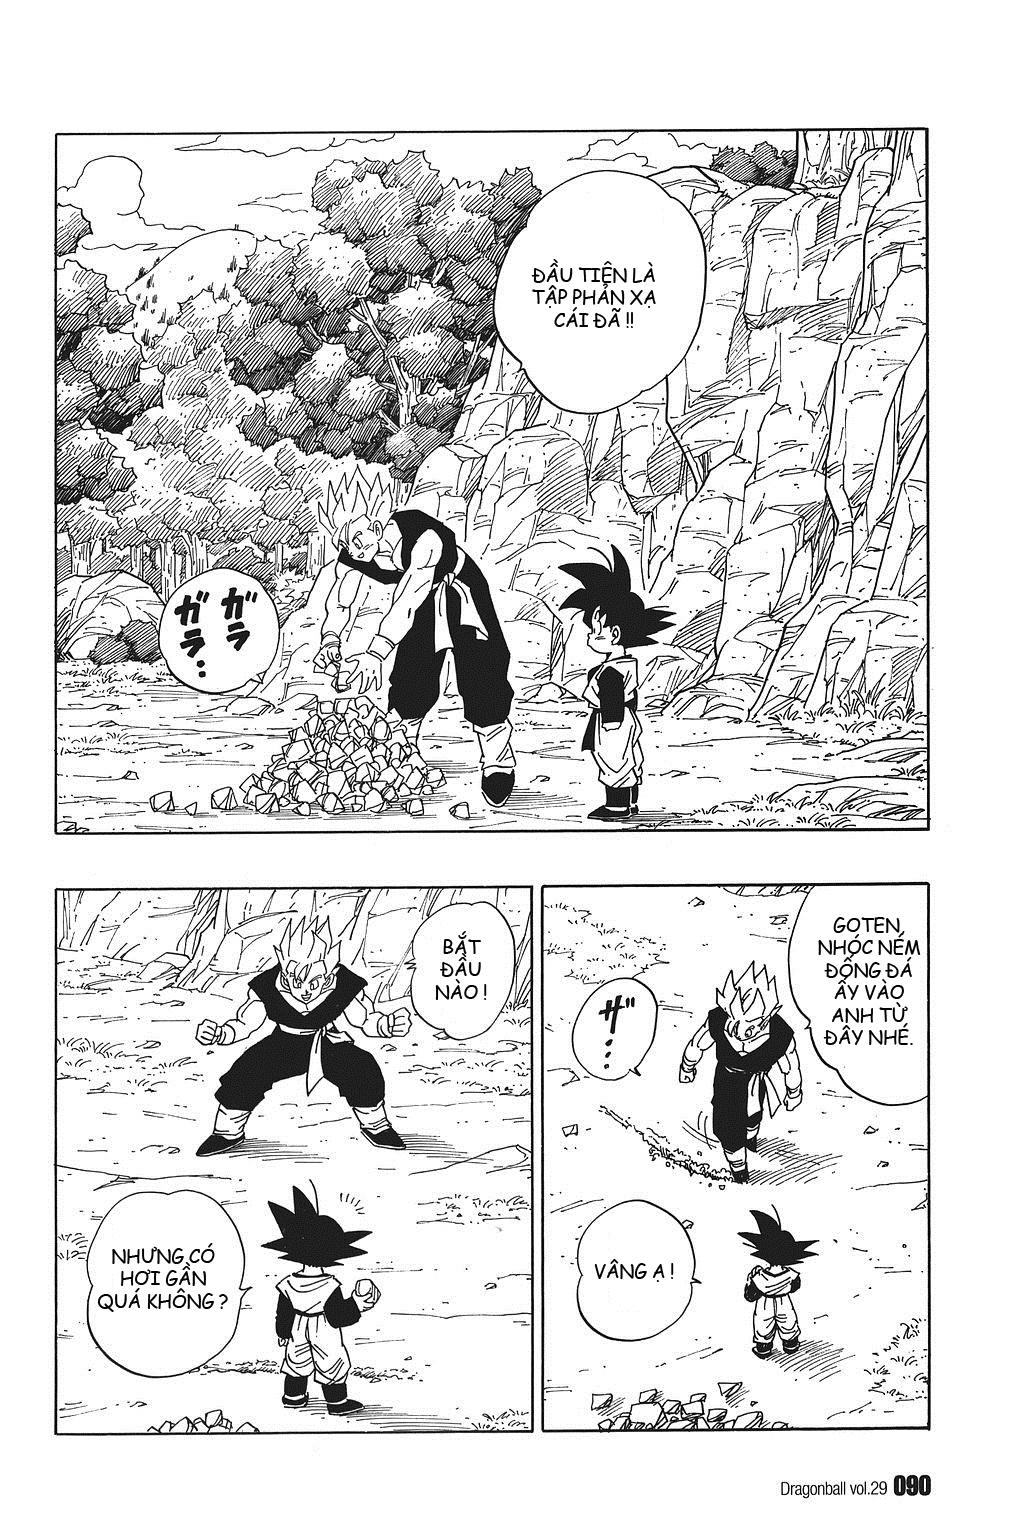 xem truyen moi - Dragon Ball Bản Vip - Bản Đẹp Nguyên Gốc Chap 427